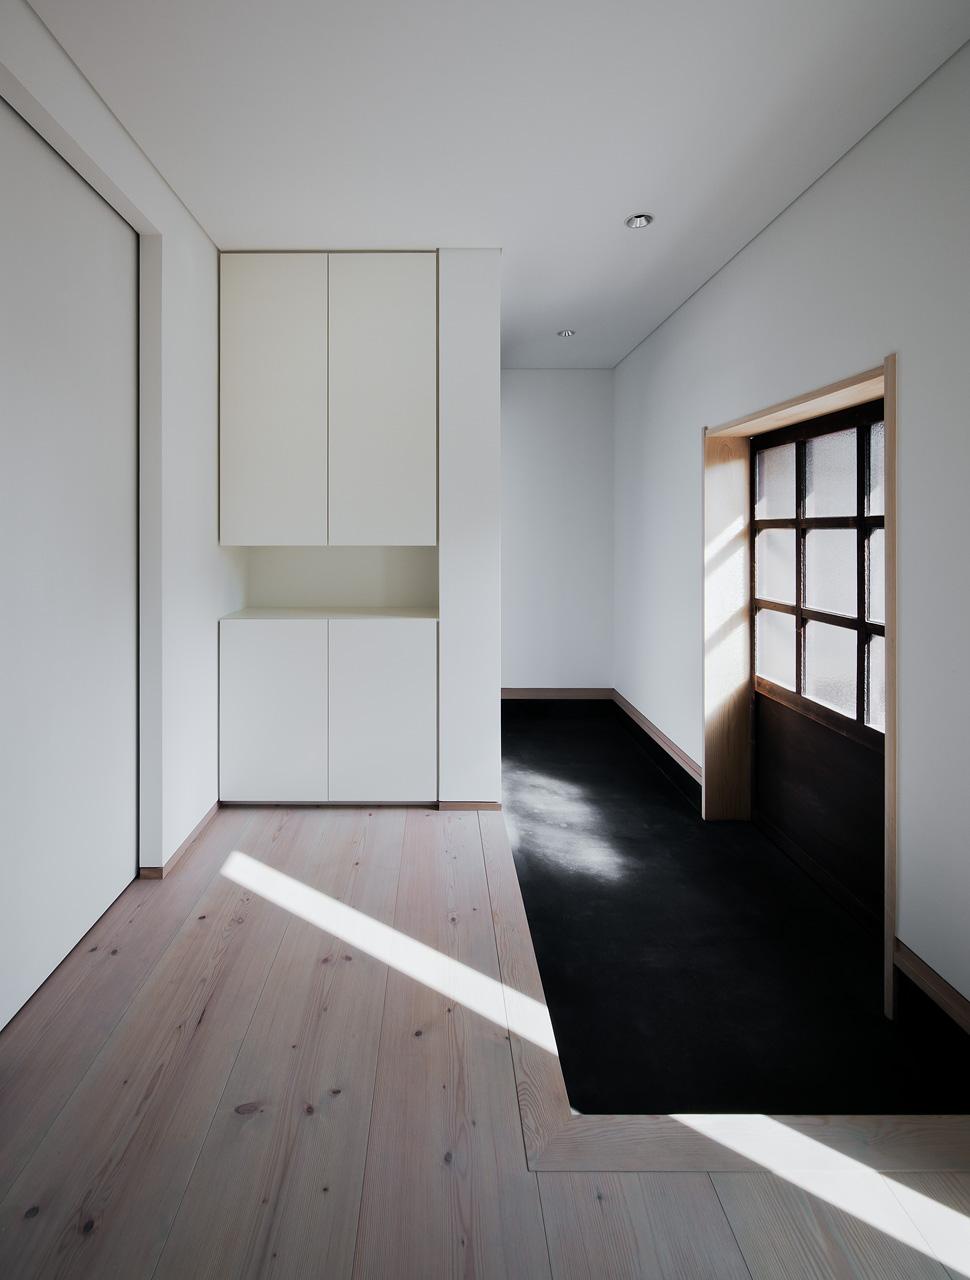 玄関内部: 右手には母屋へ続く蔵戸、奥には若夫婦専用の扉と、人が行き交う場所であることから、「溜め」の空間としてデザインしました